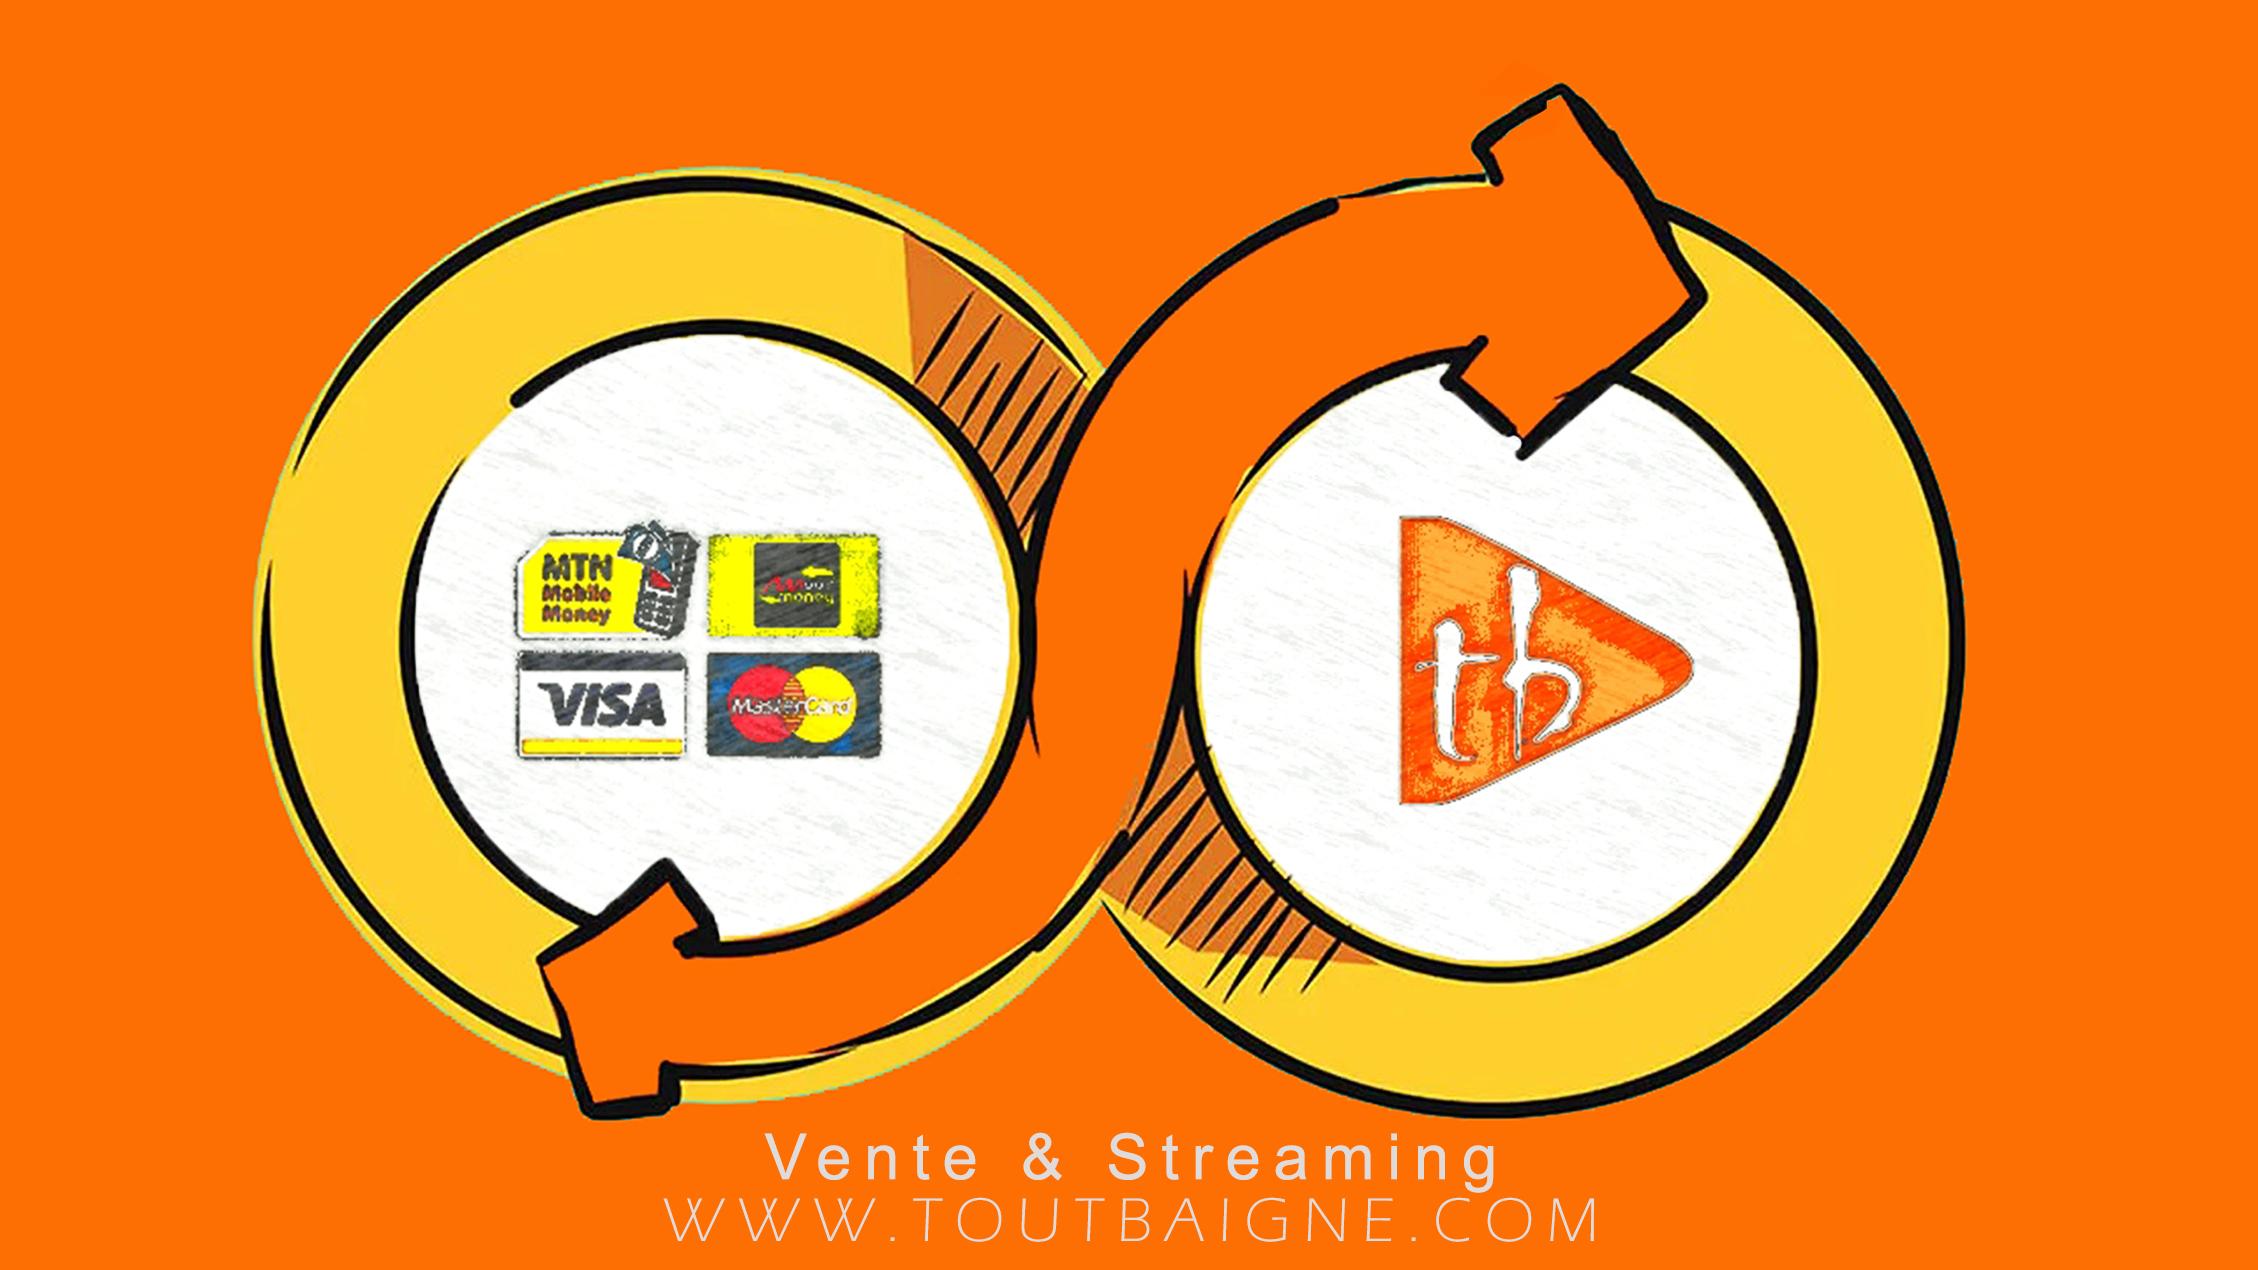 Vente & Streaming